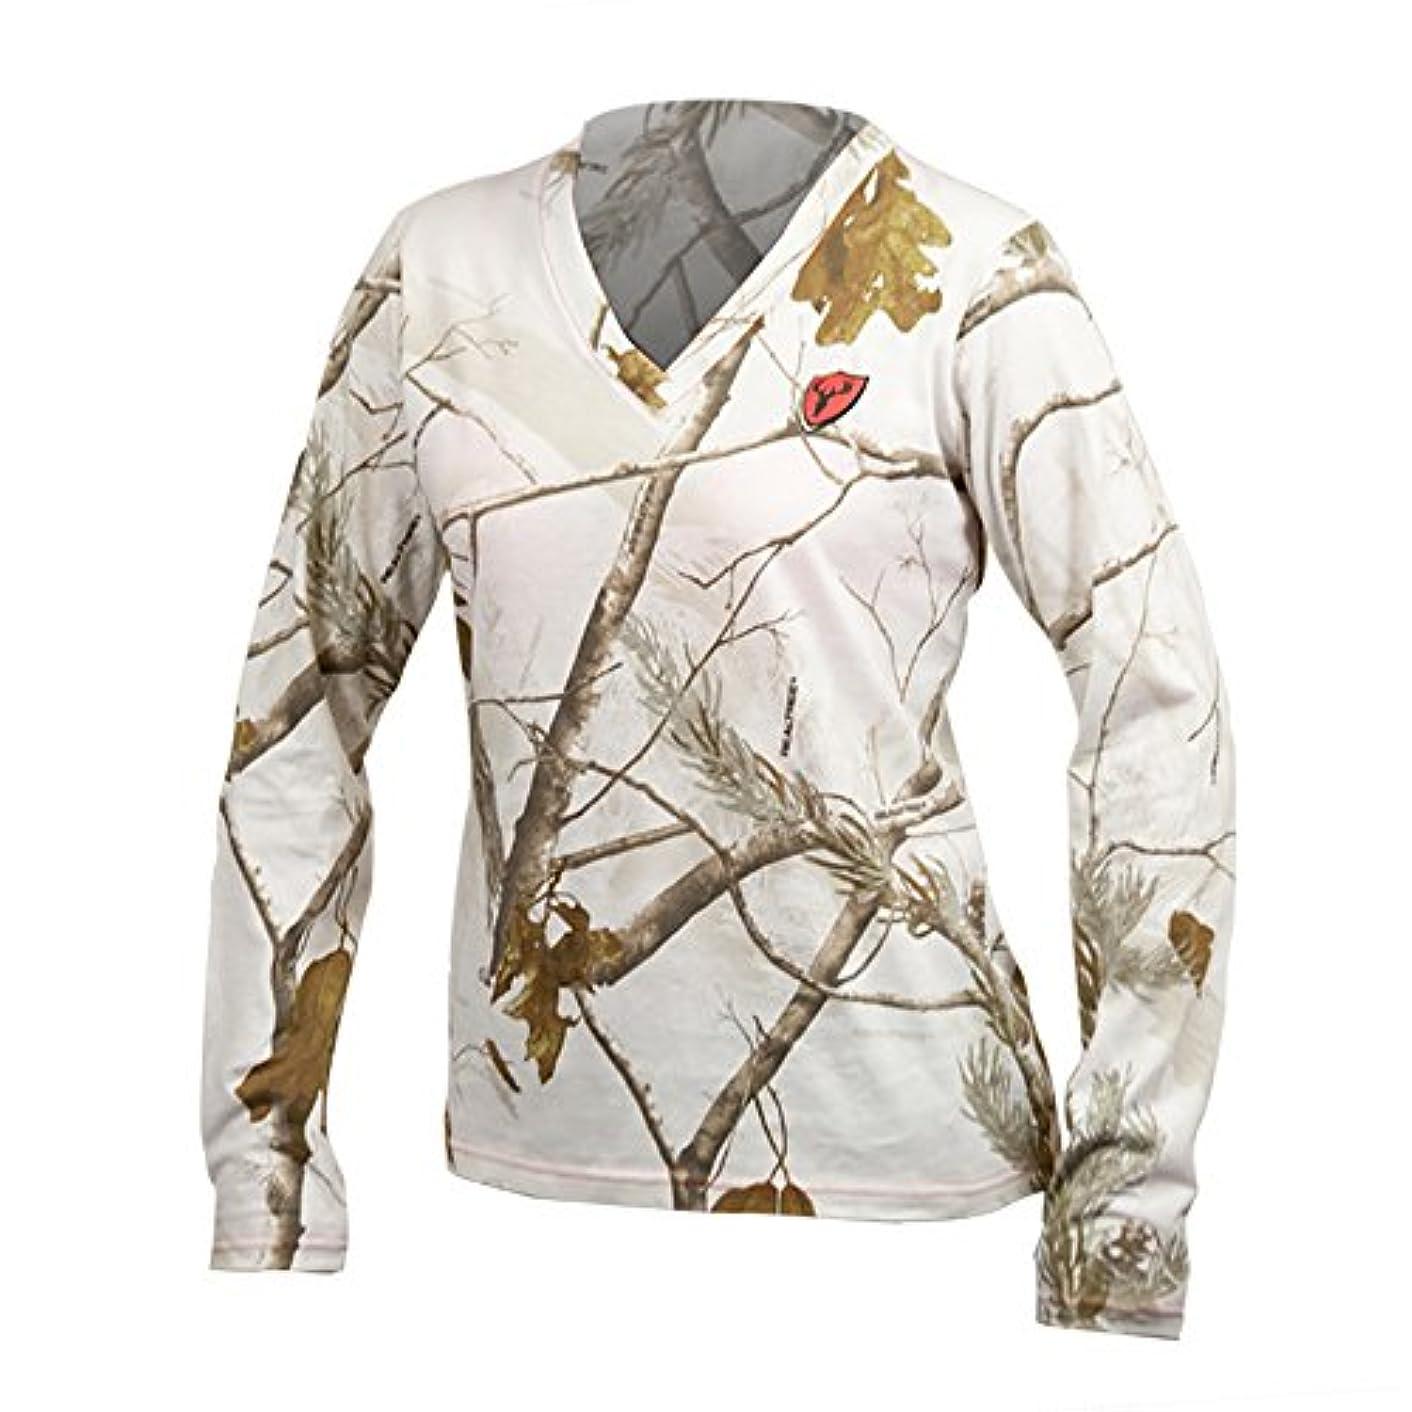 疑問を超えて膨らませるプレゼントScentLokレディースL/Sシャツ(Snow Camo, Small)